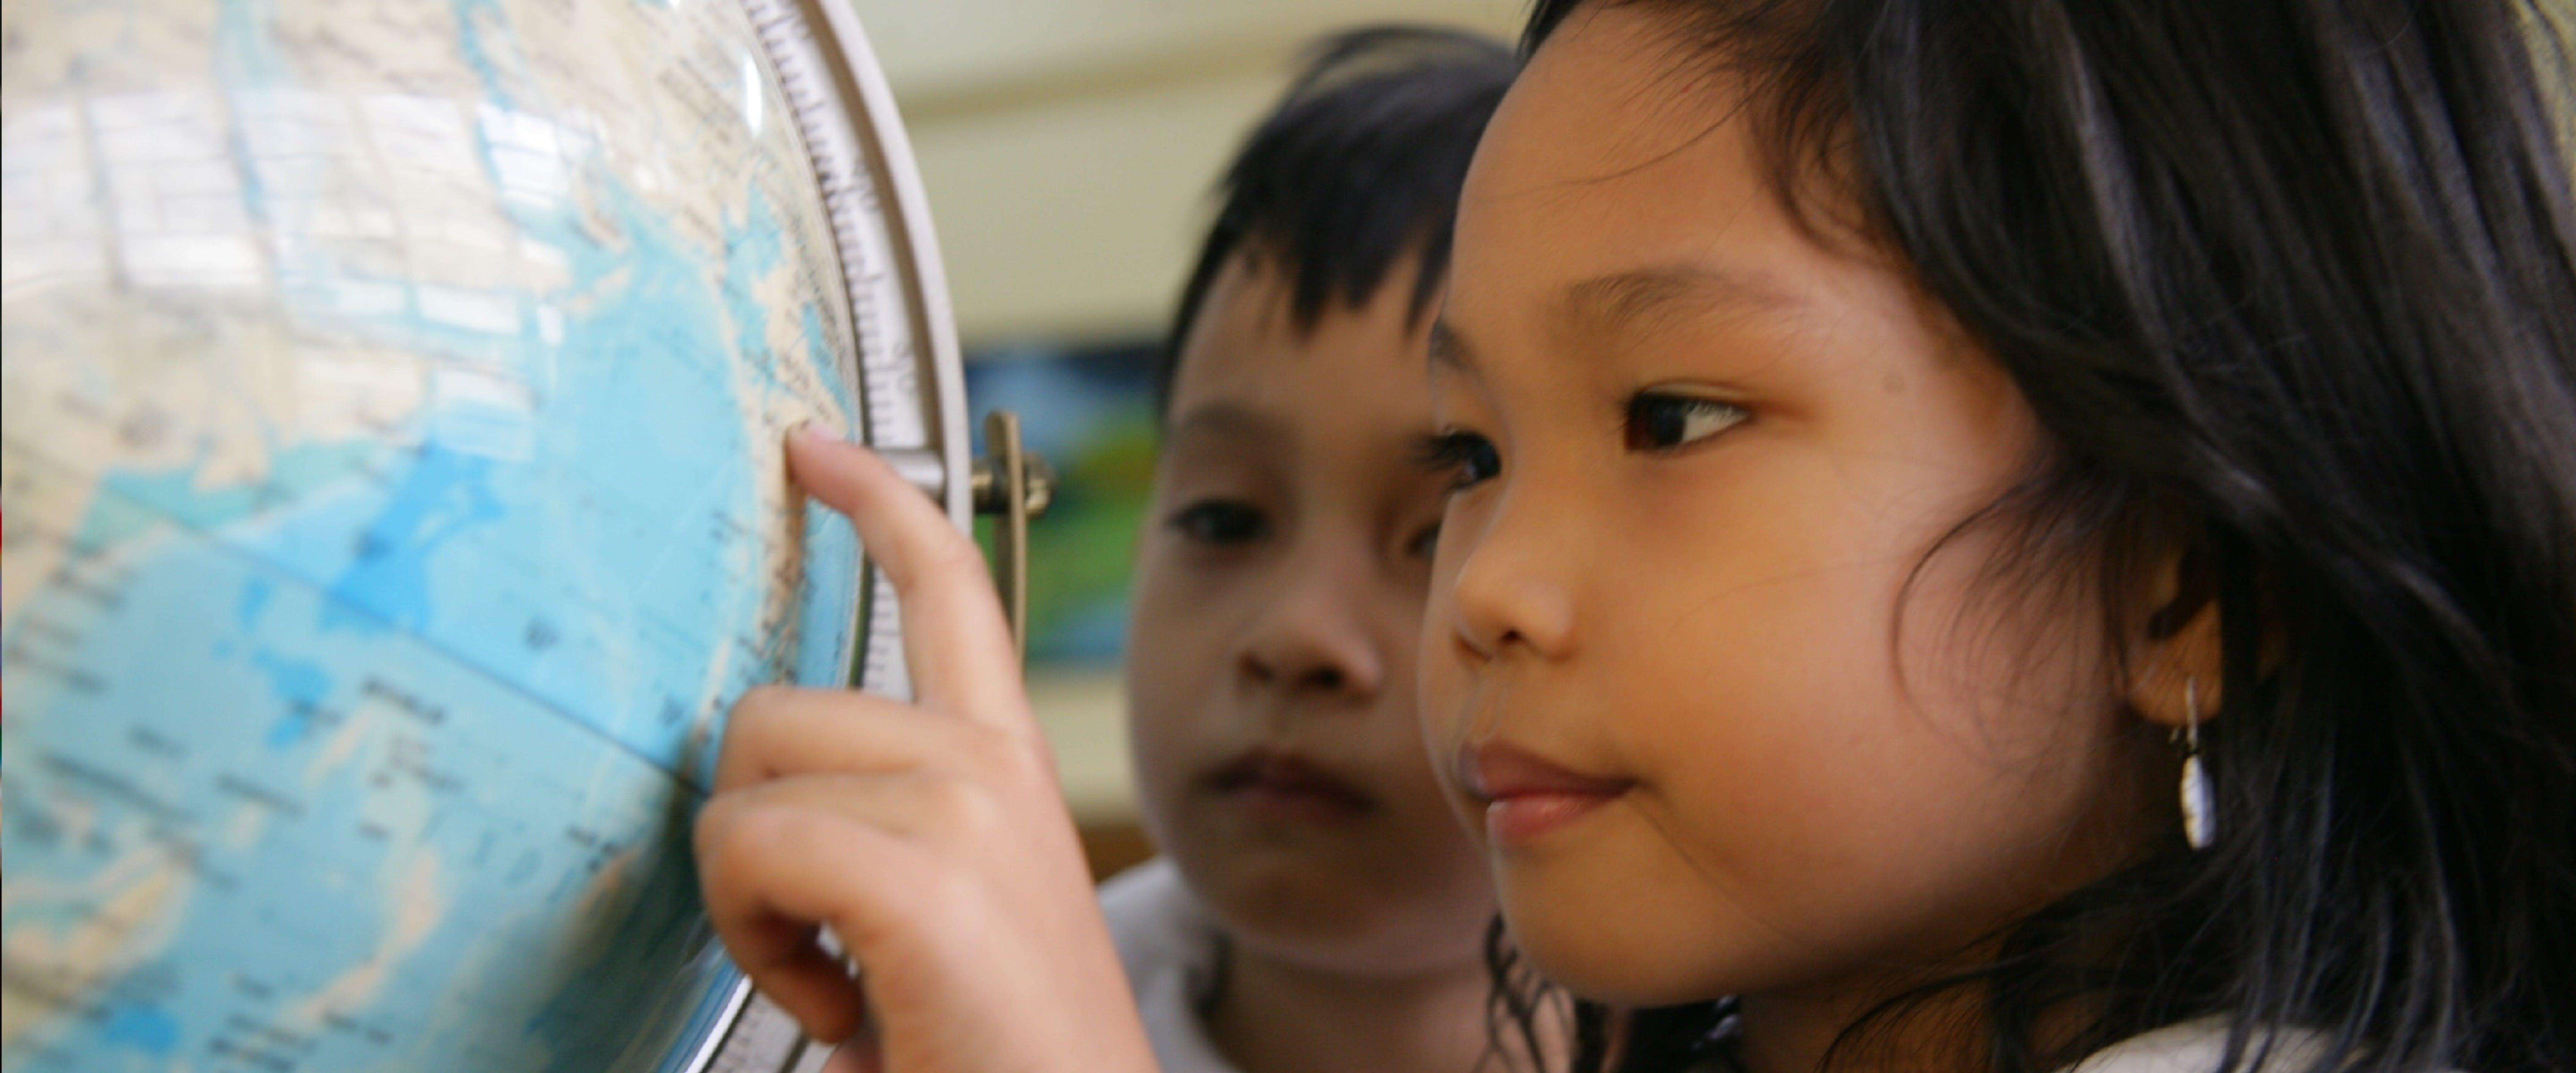 bambina gioca con il mappamondo